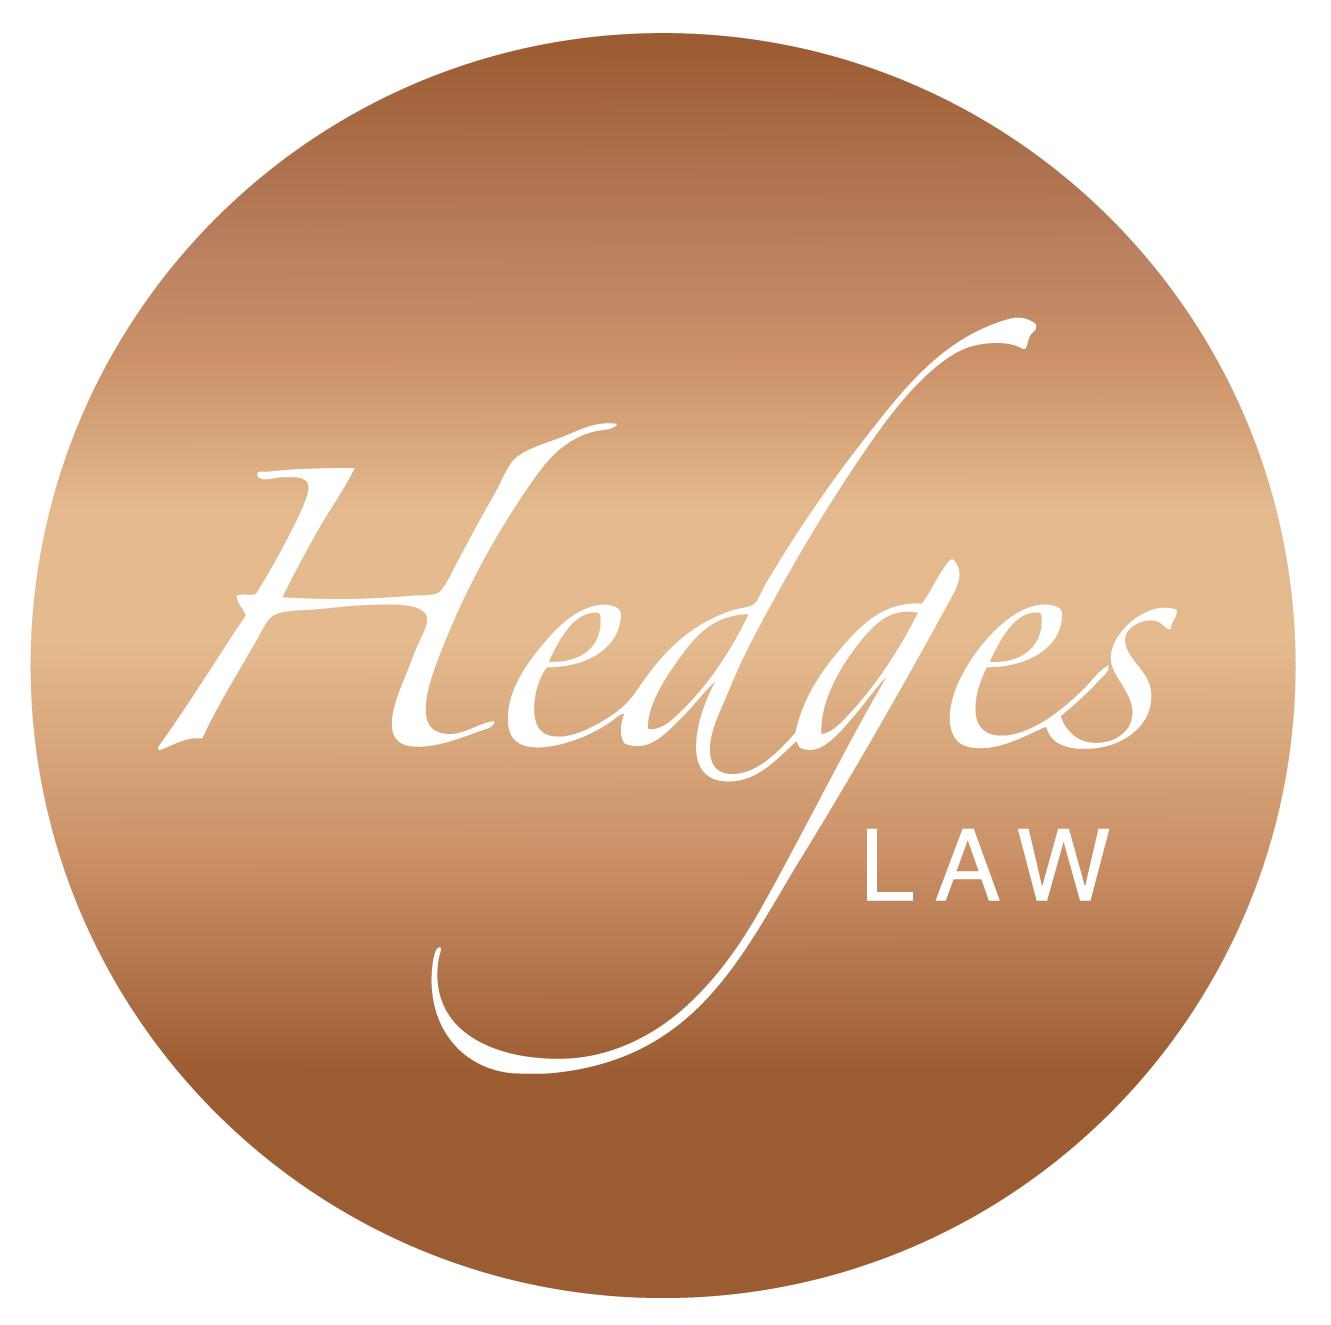 Hedges-logo-copper-effect-RGB 1@4x-100.jpg.jpg